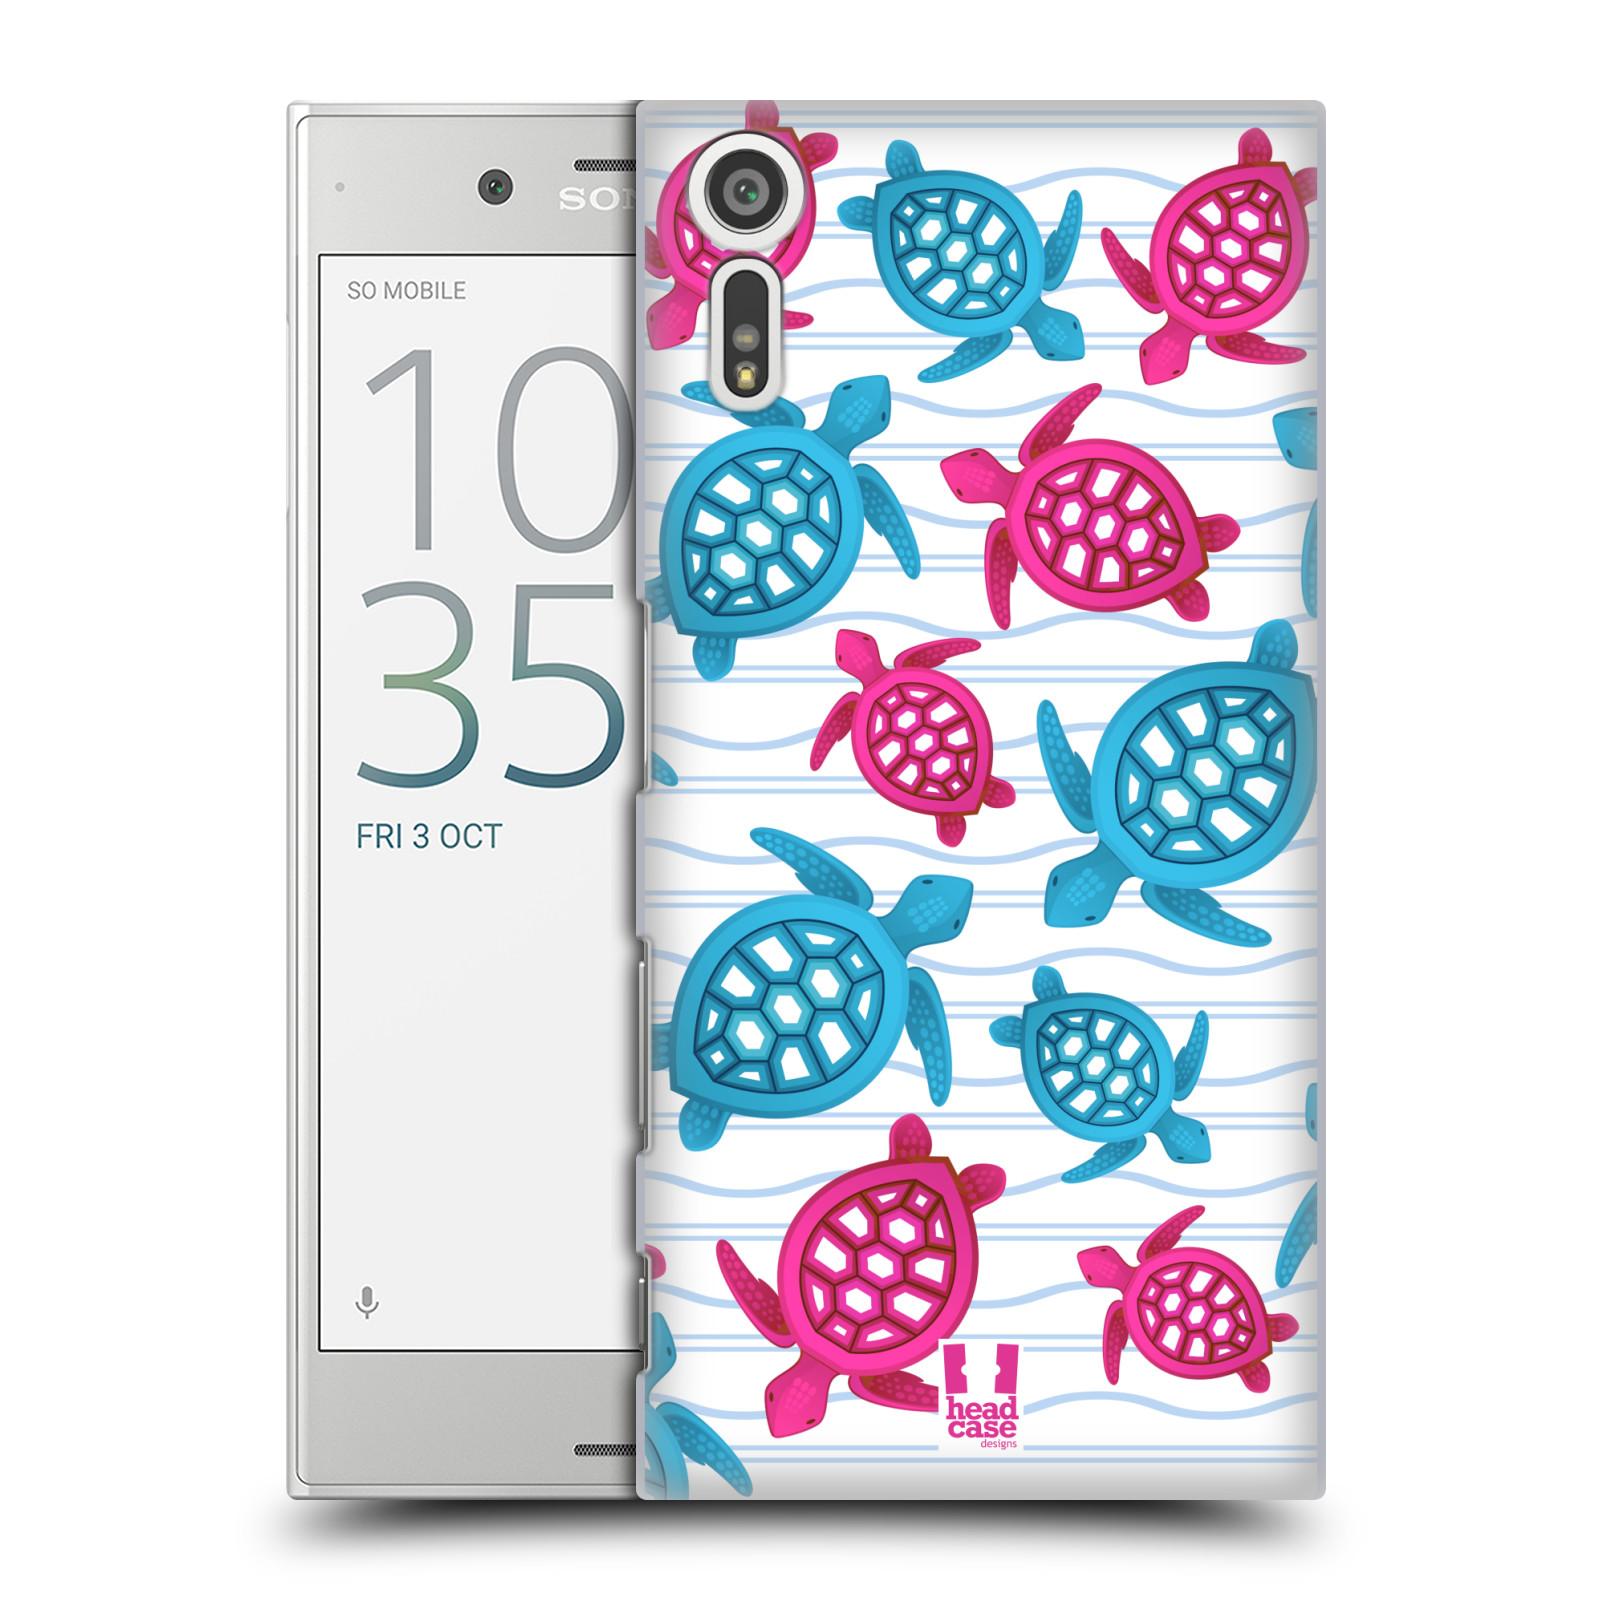 HEAD CASE plastový obal na mobil Sony Xperia XZ vzor mořský živočich želva modrá a růžová